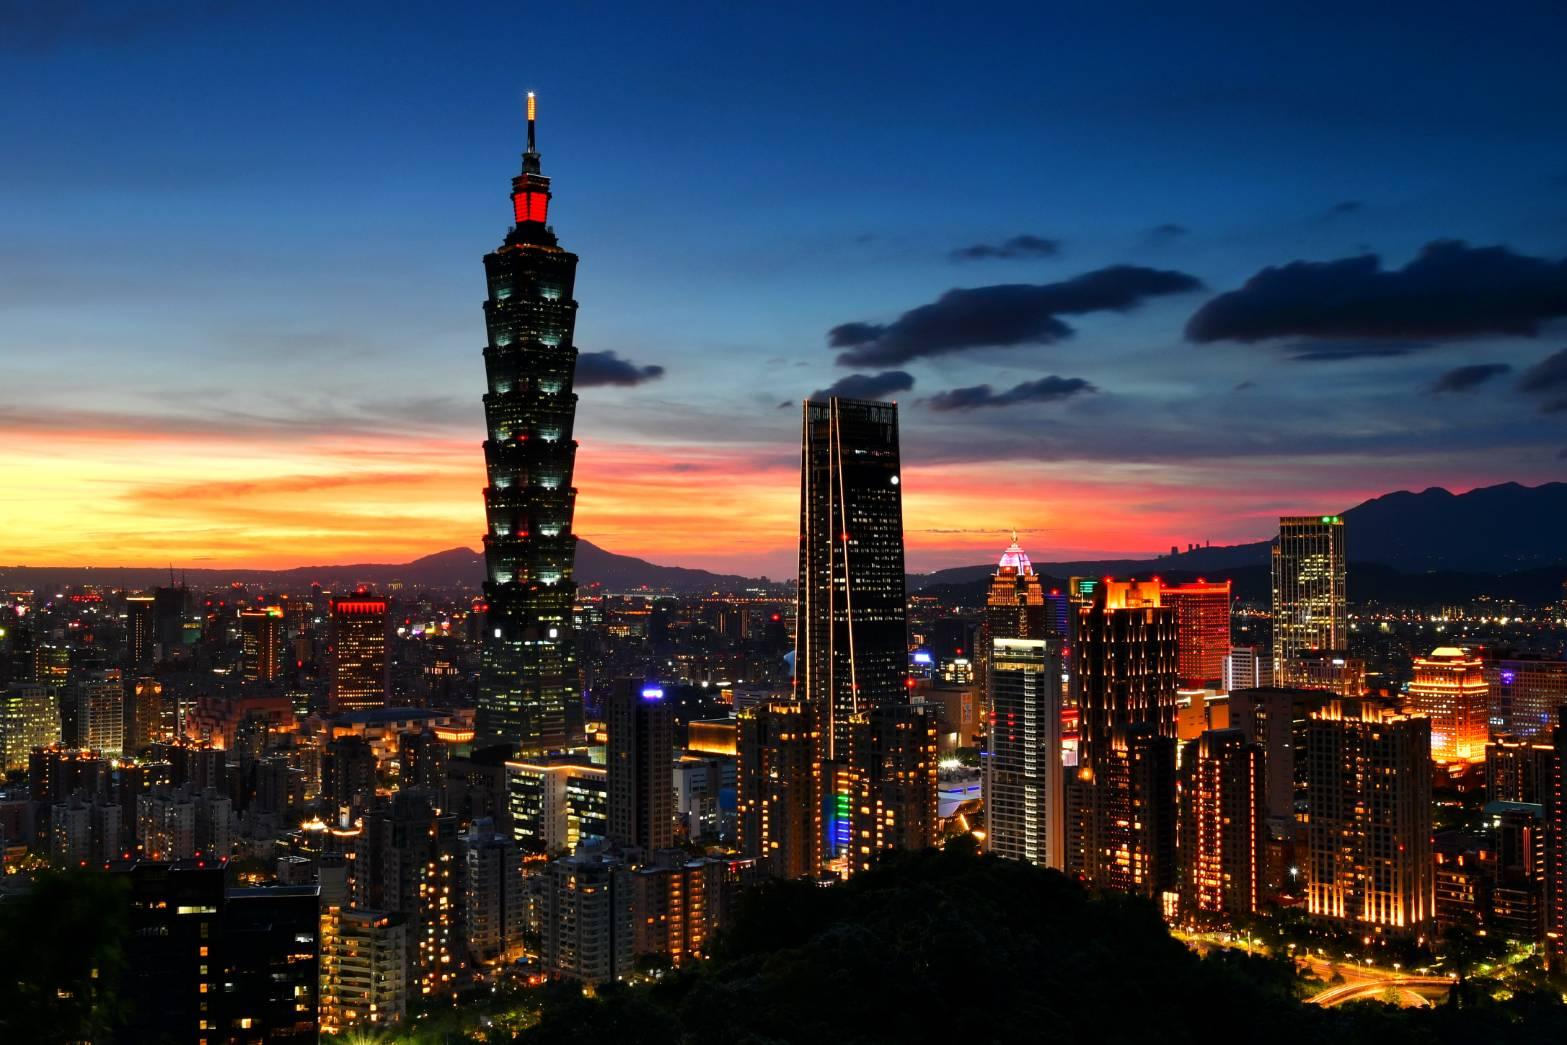 台北象山的百萬夜景  體驗近距離的美與震撼【牧雲攝影專欄】